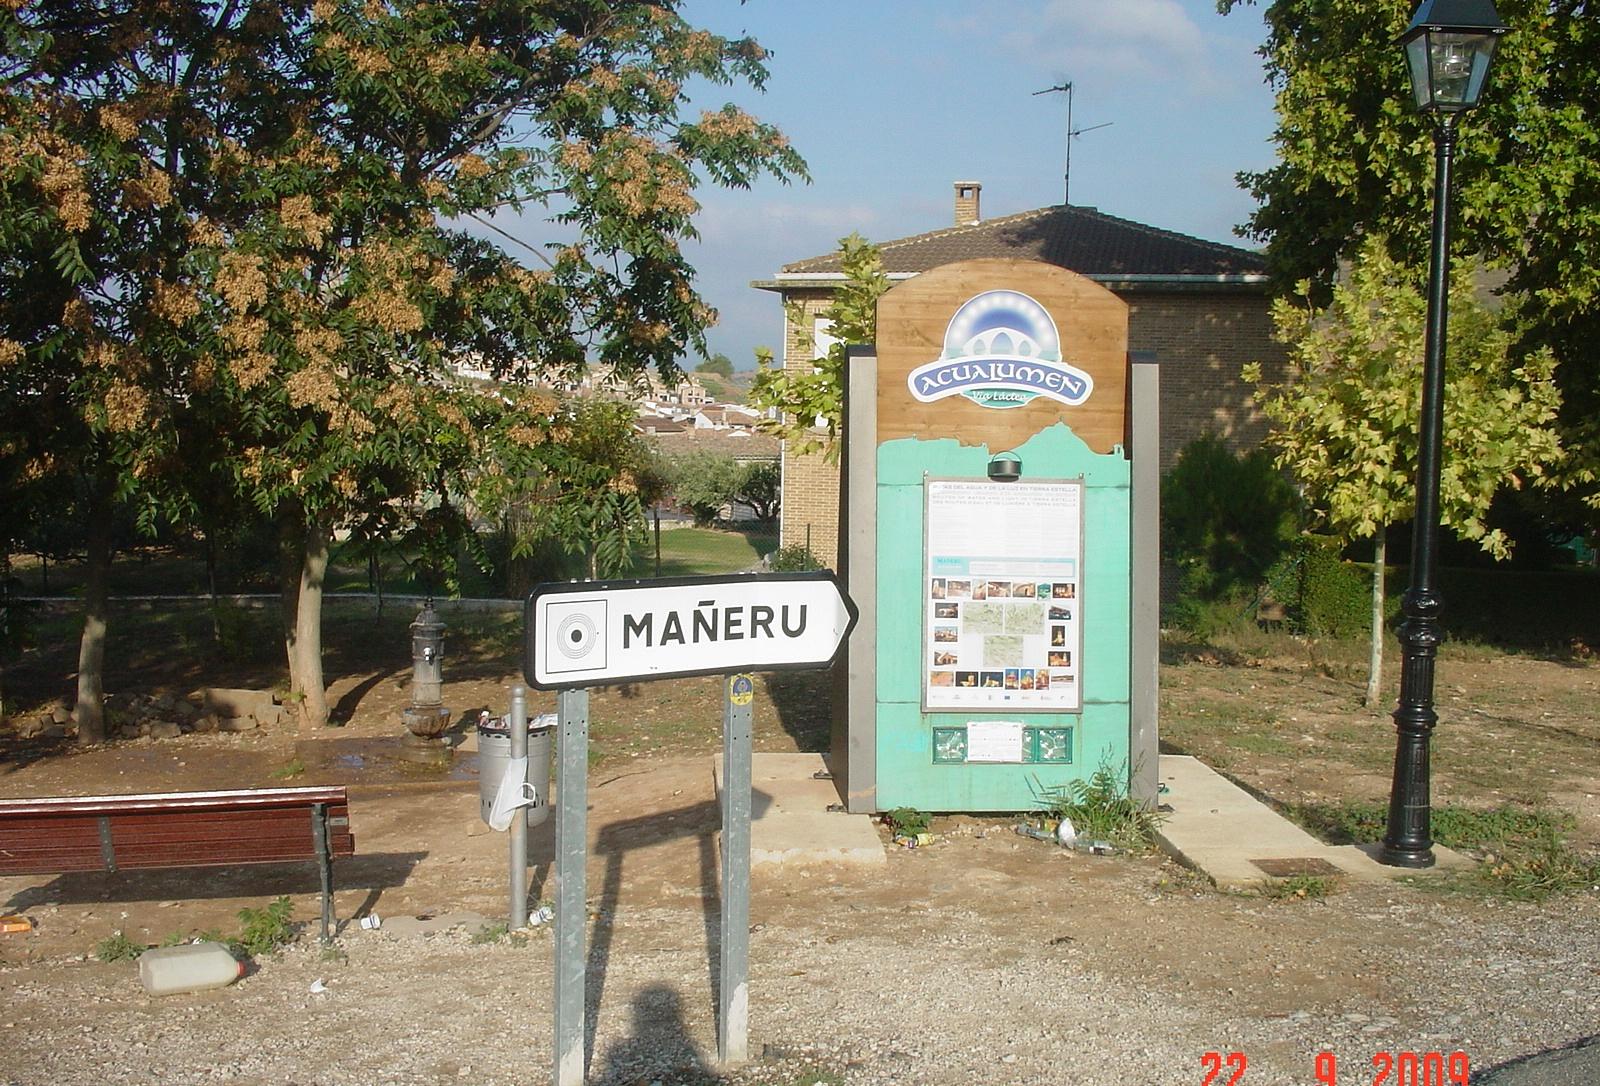 Maneru